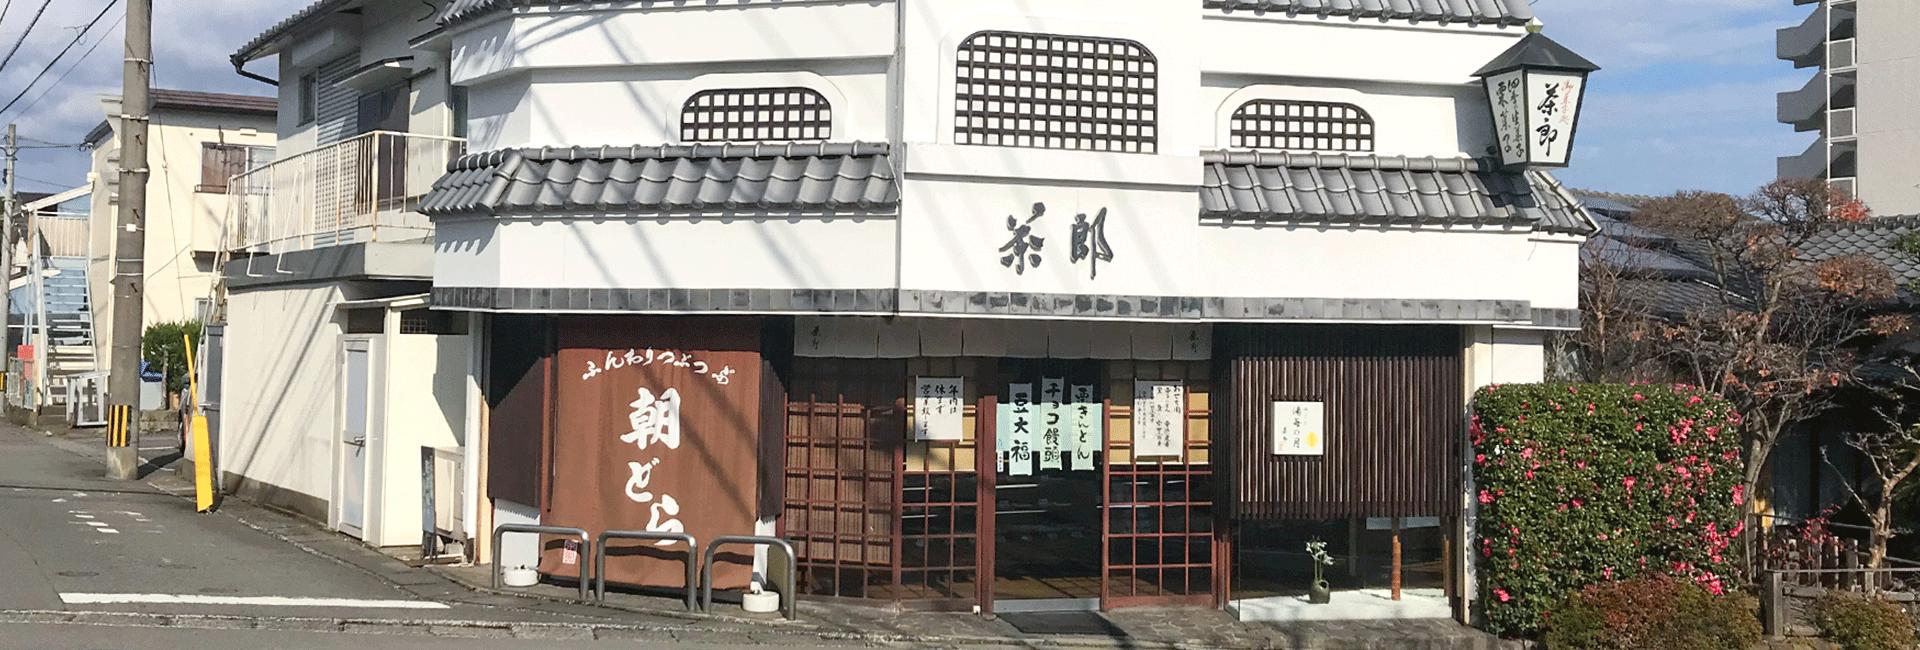 和菓子処 茶郎本舗